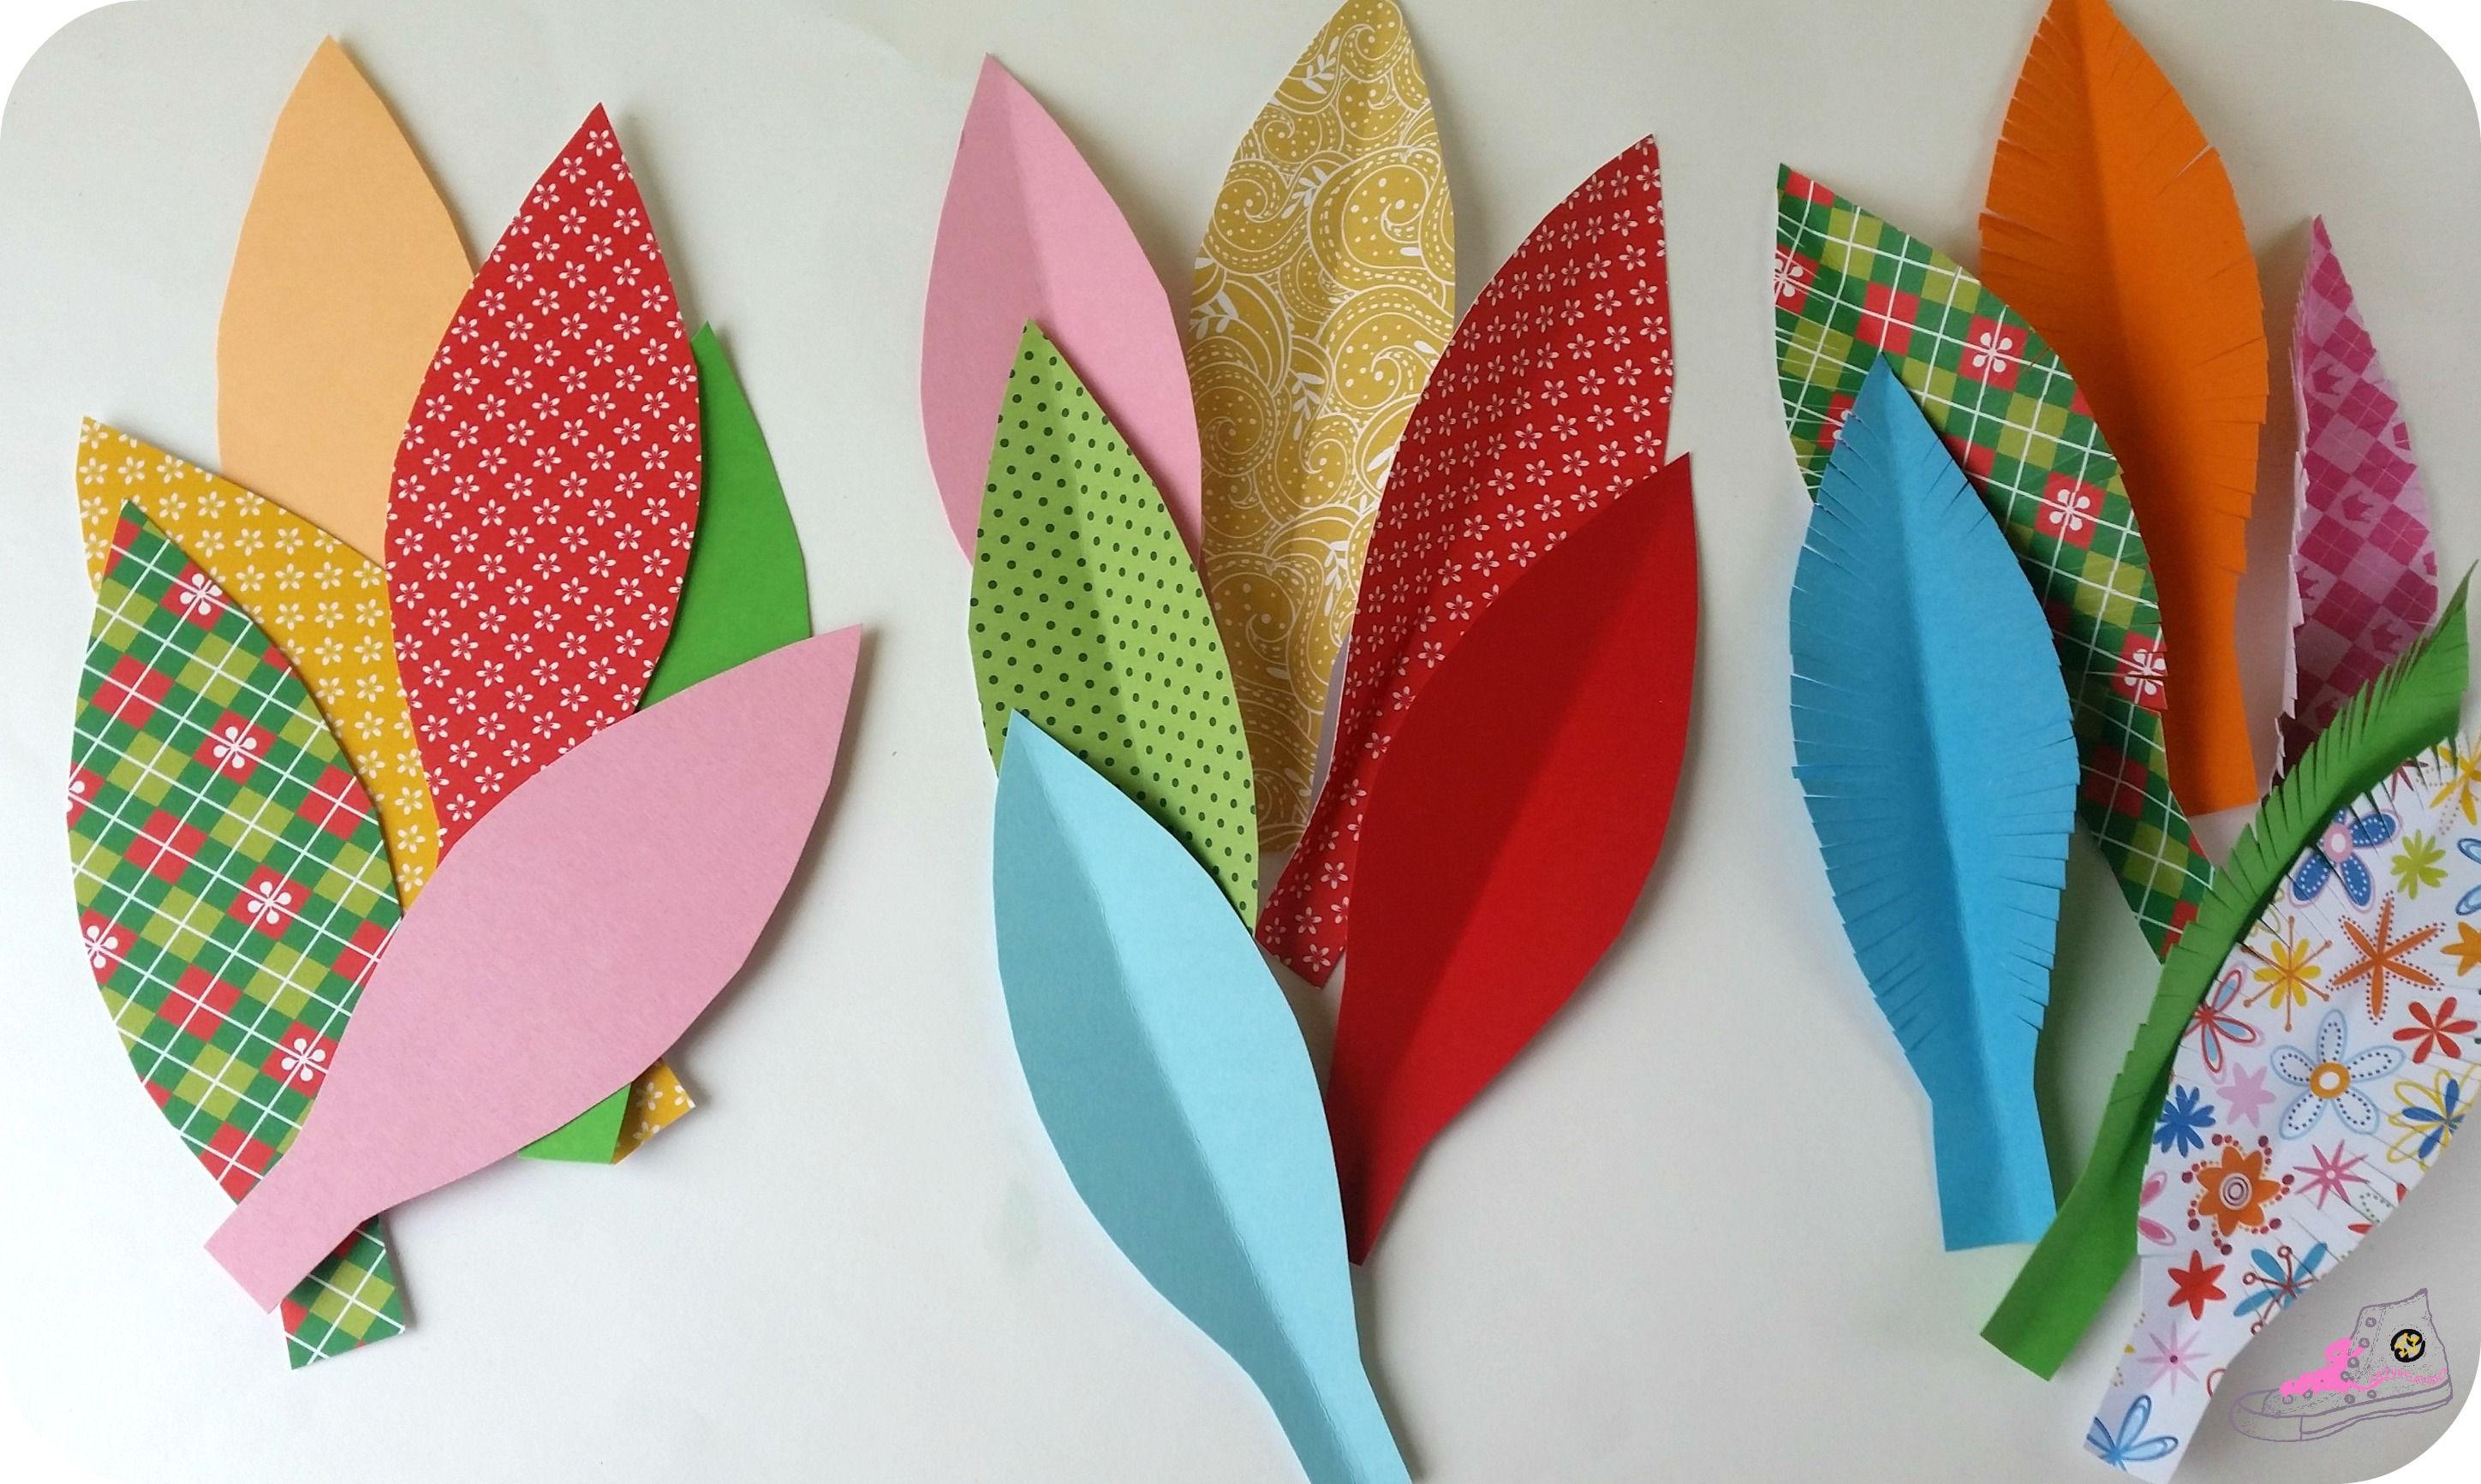 plumas indios | Carnaval c\'est fou !!! | Pinterest | Indio, Pluma y ...